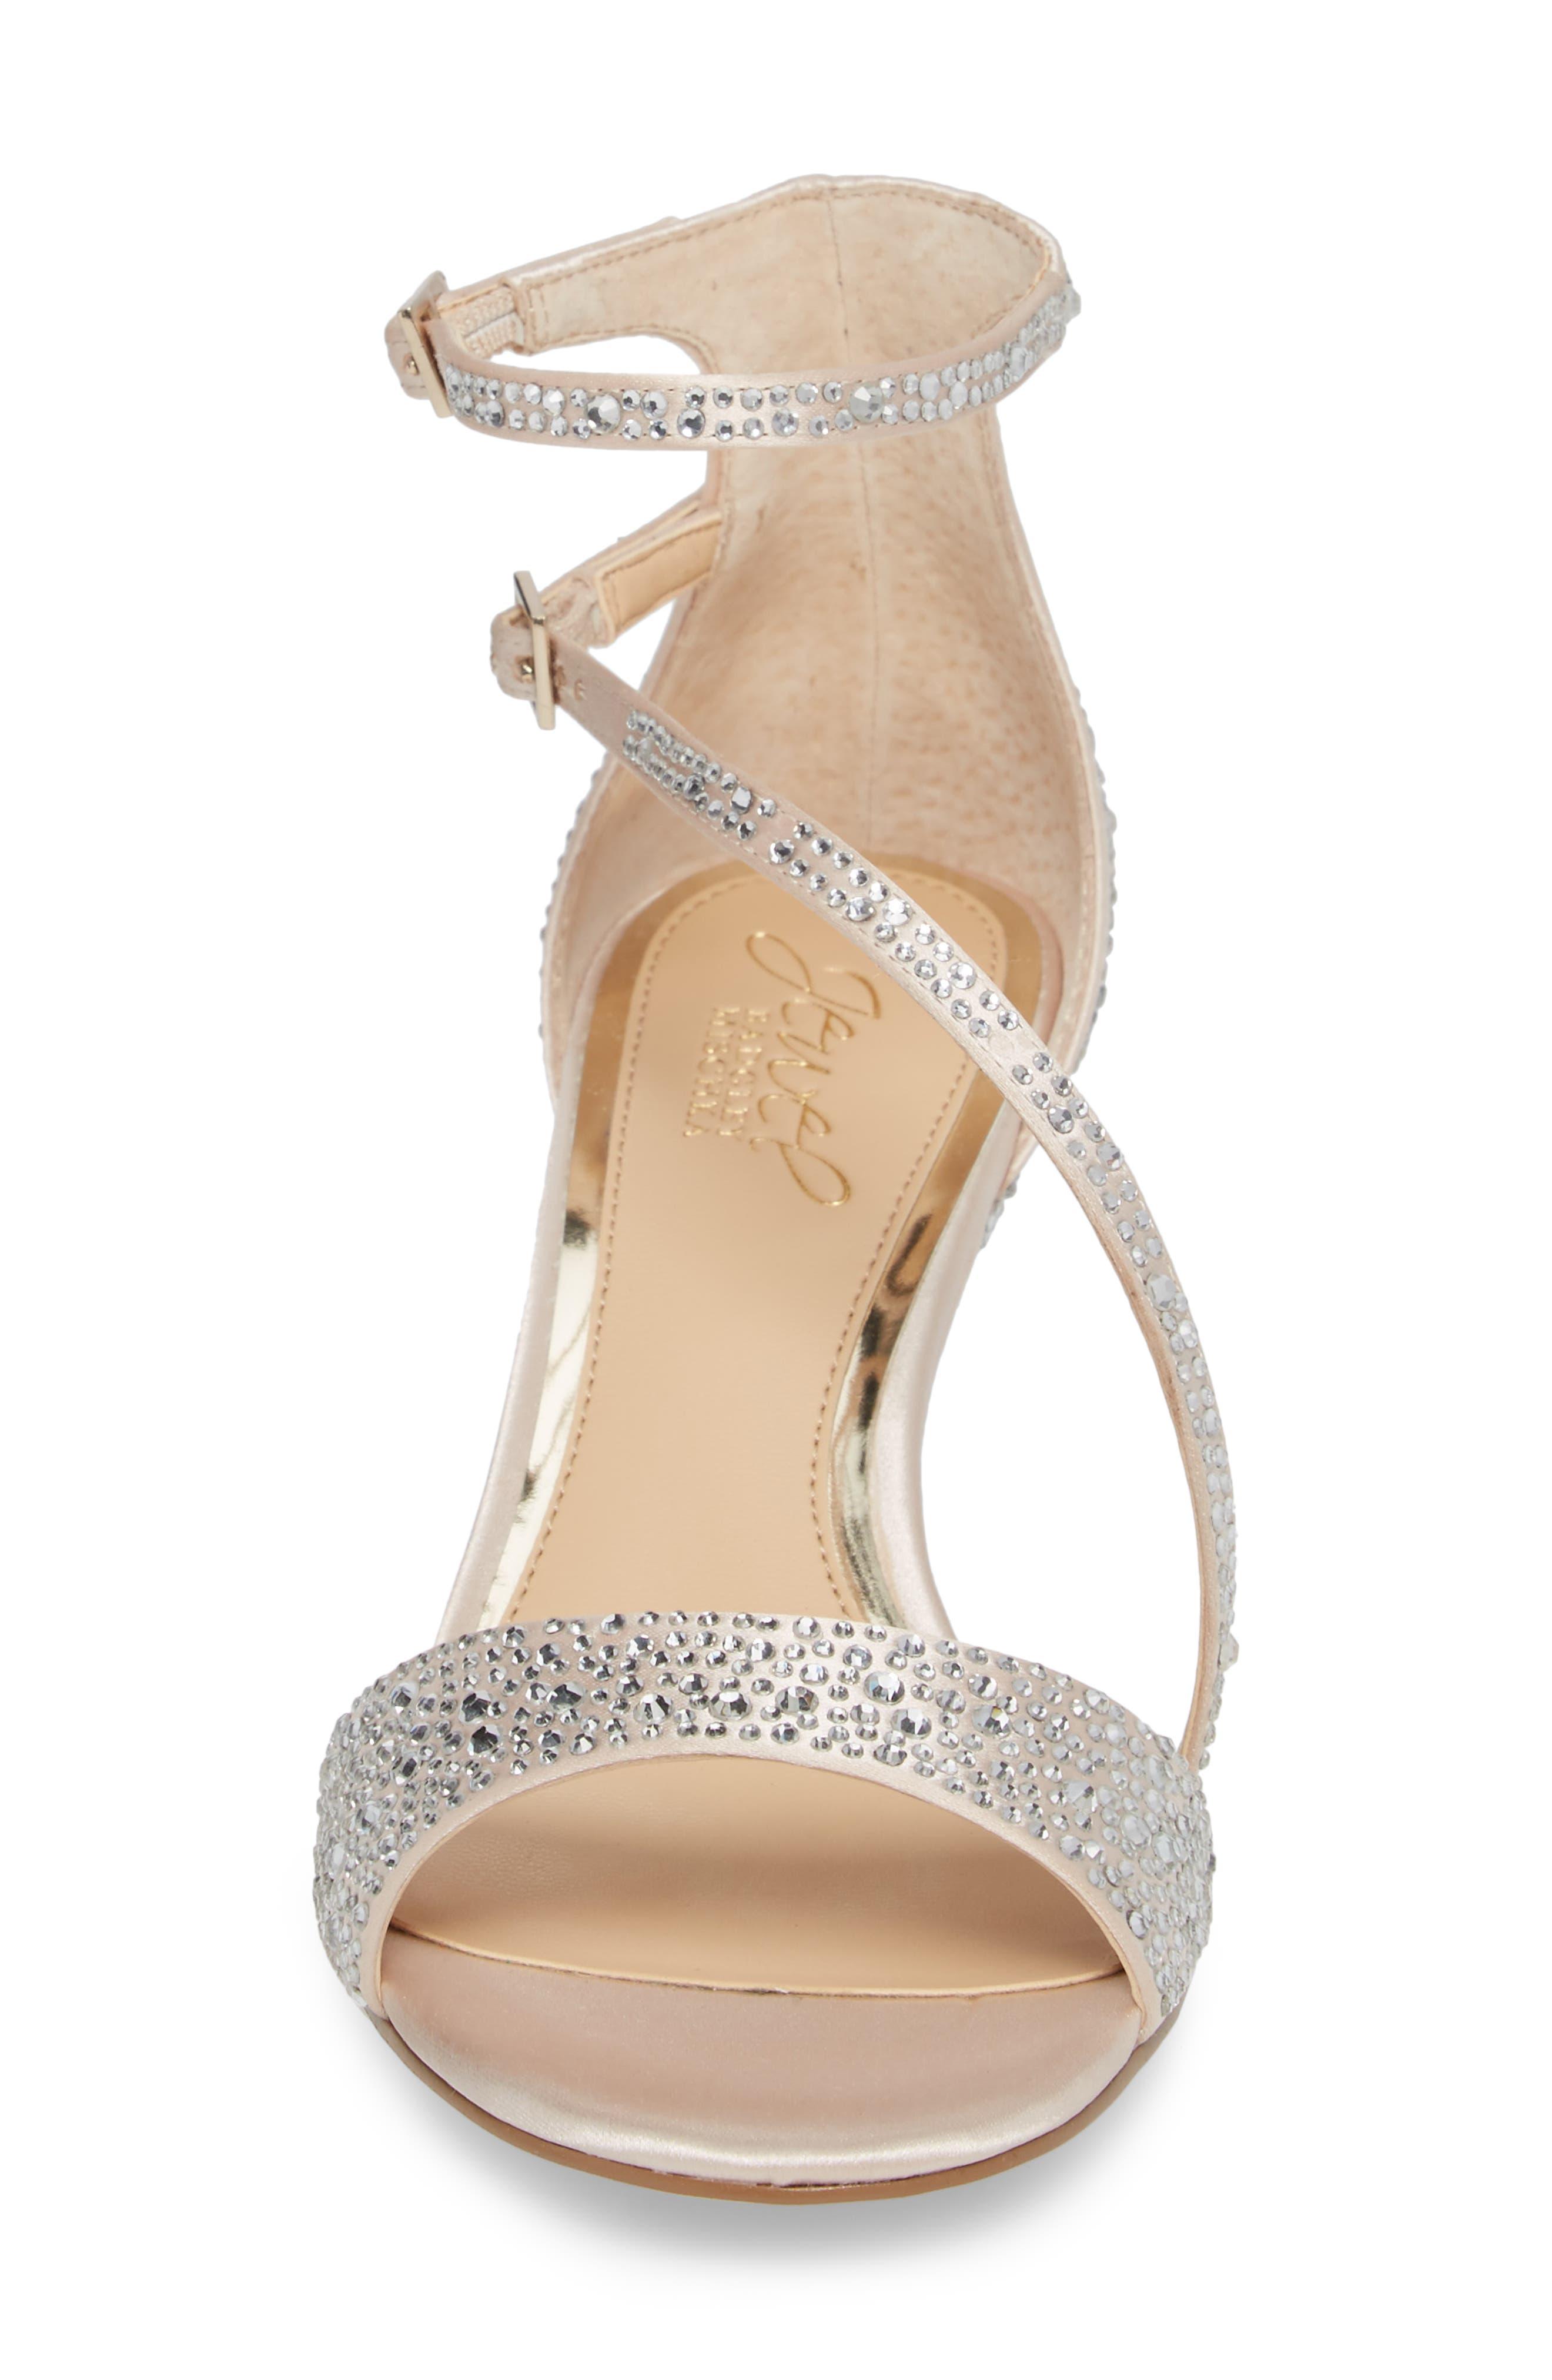 Tangerine Crystal Embellished Sandal,                             Alternate thumbnail 4, color,                             Champagne Satin